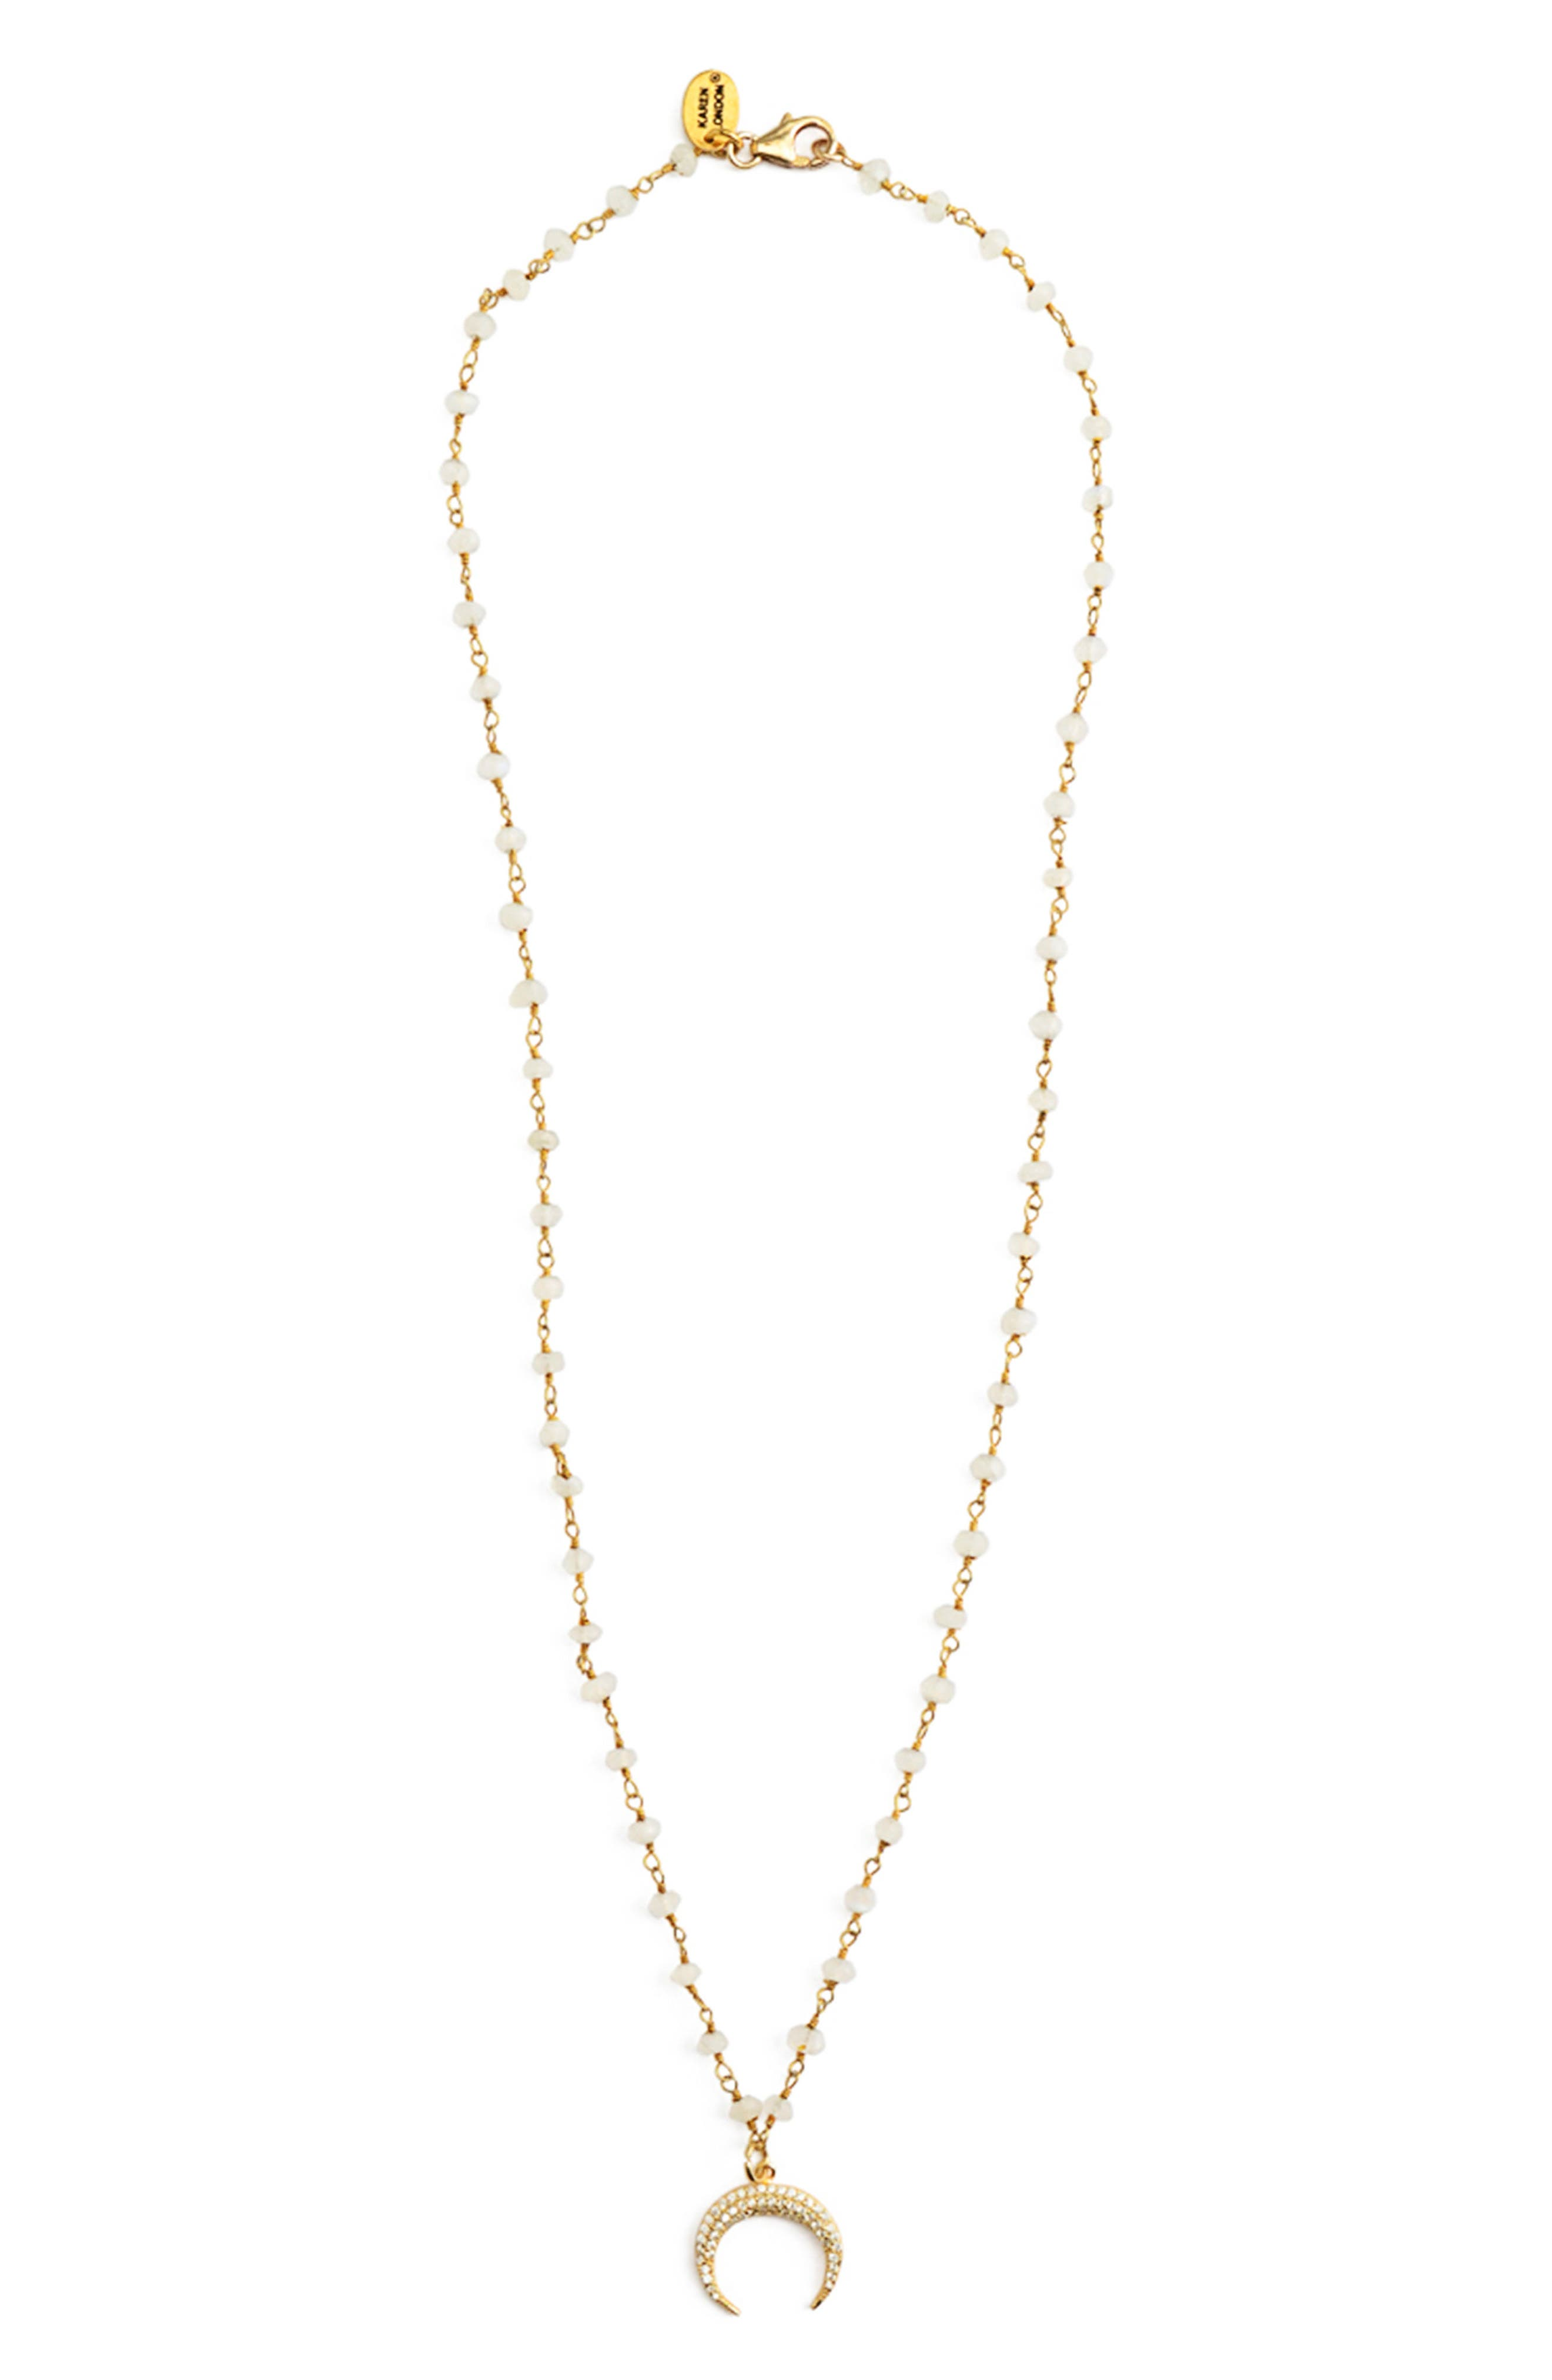 Cellini Pendant Necklace,                         Main,                         color, White